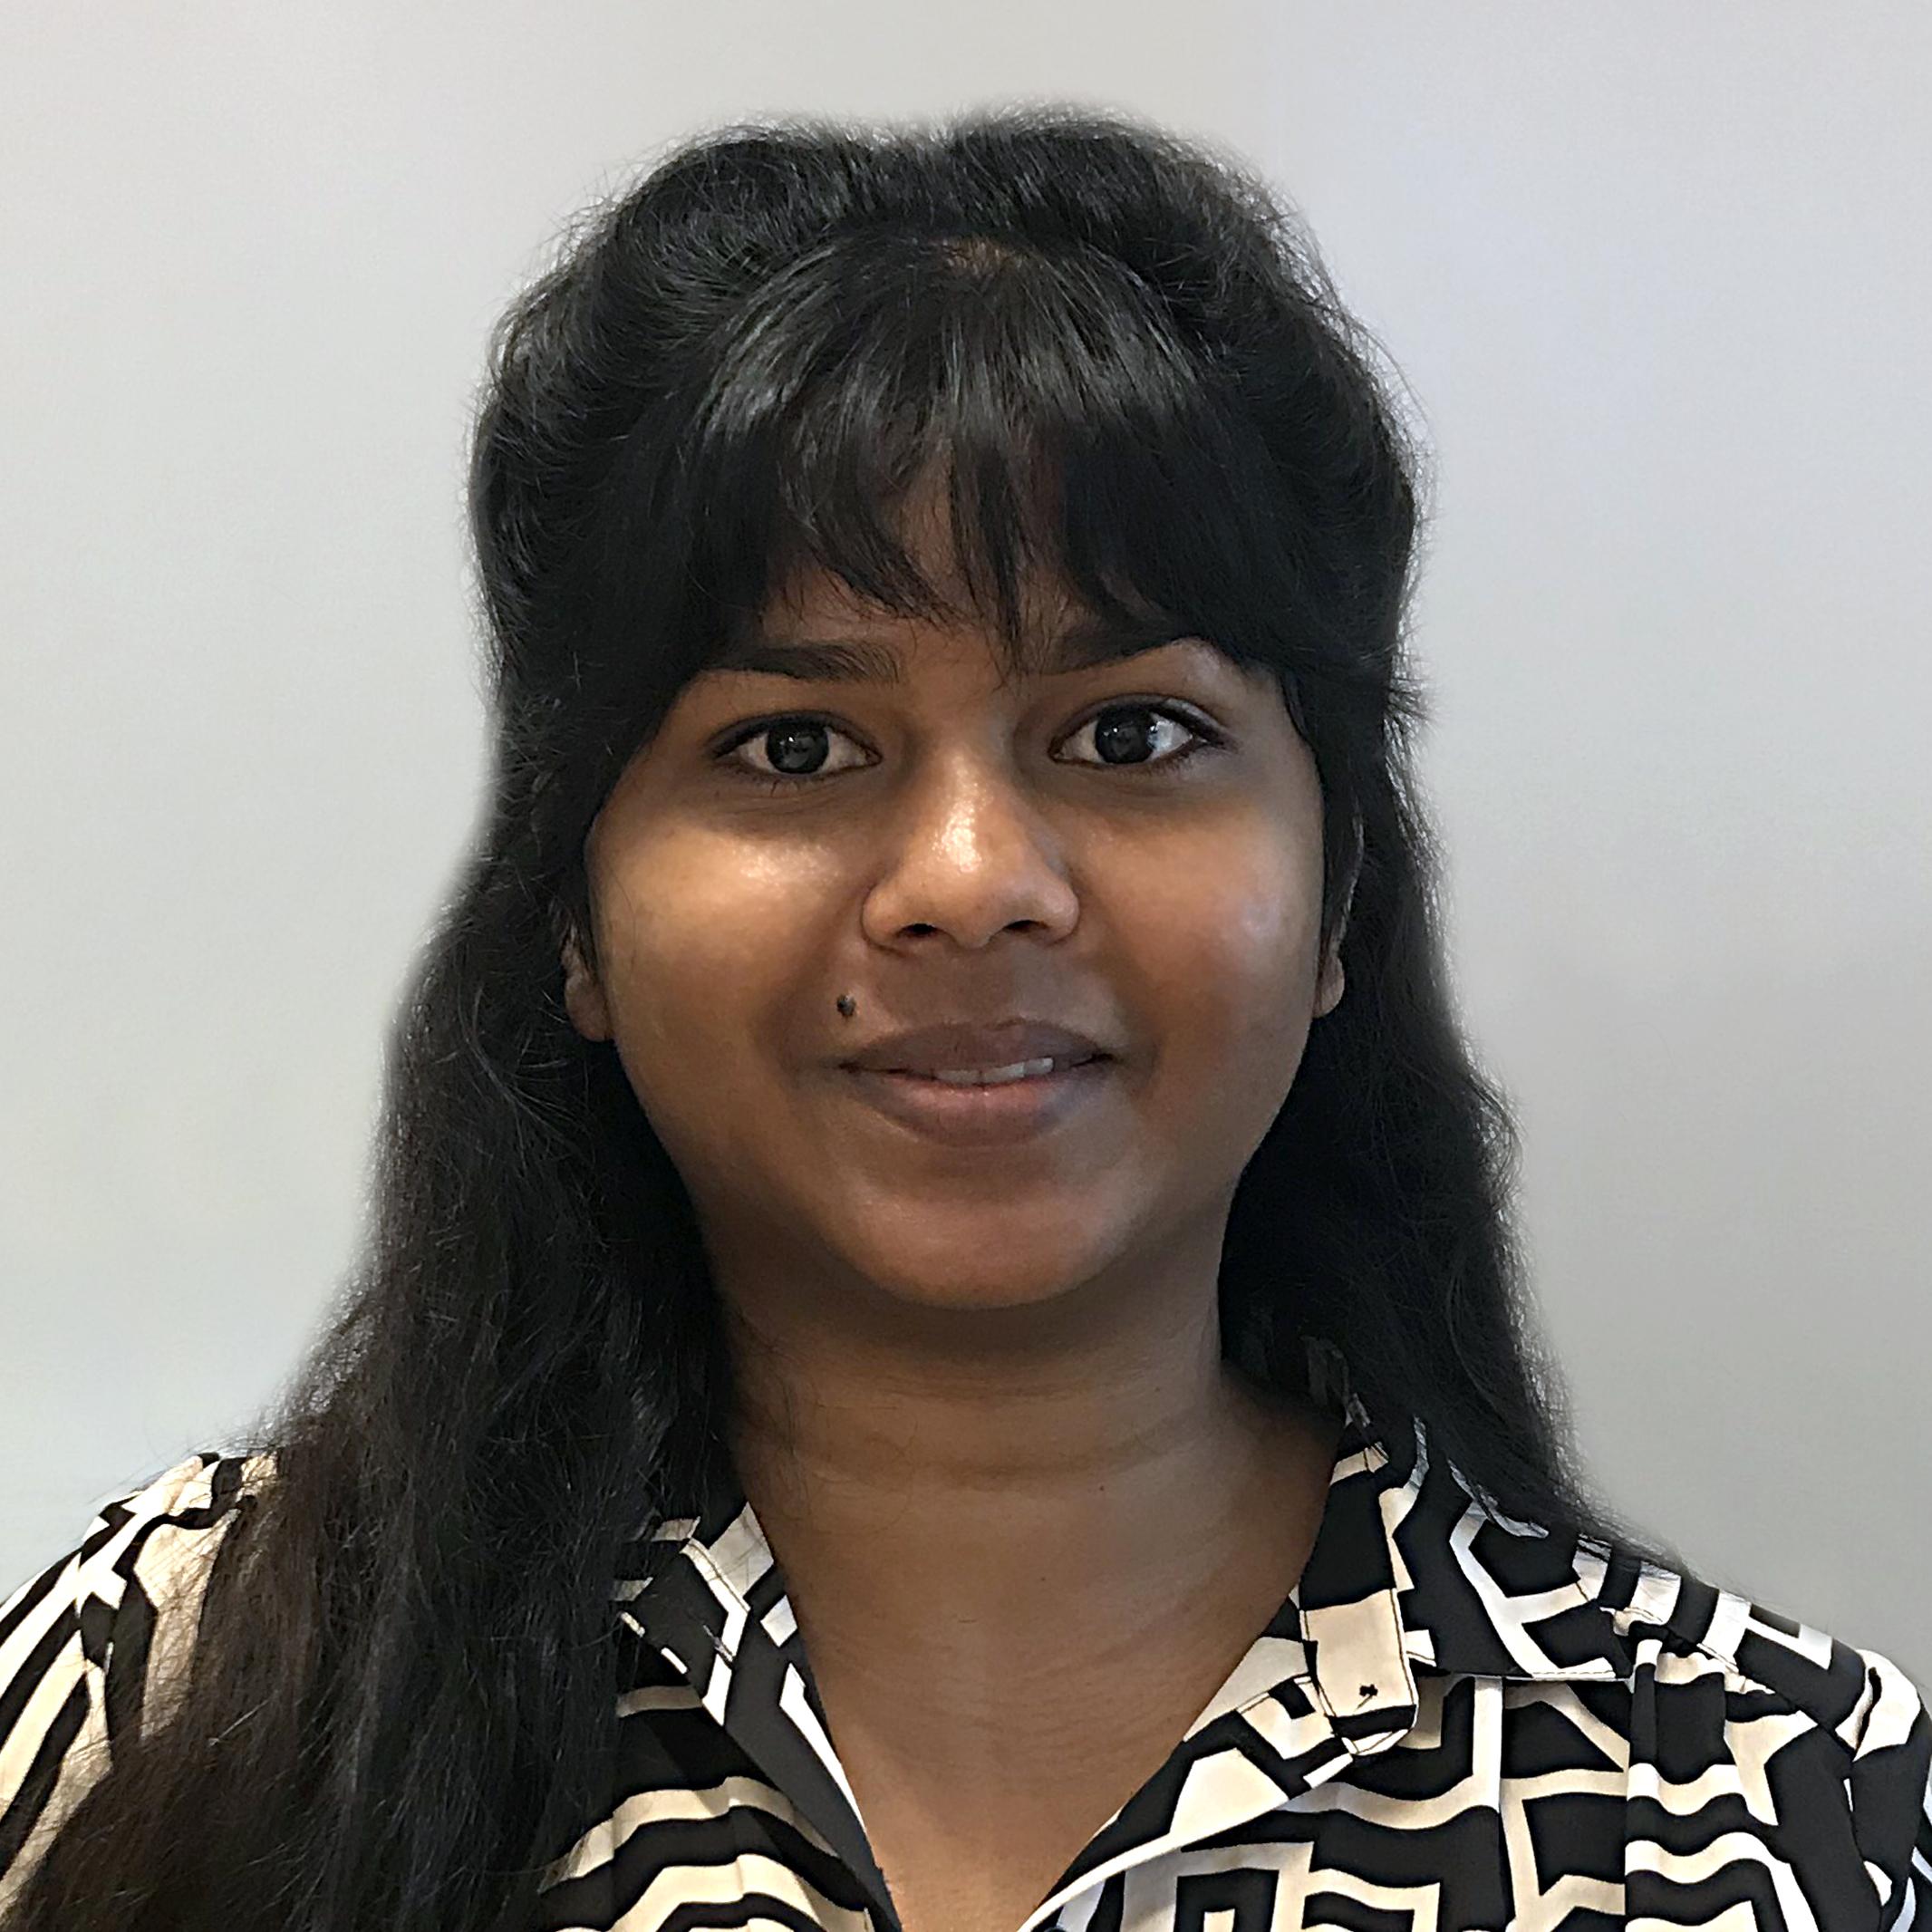 Salini Mohan